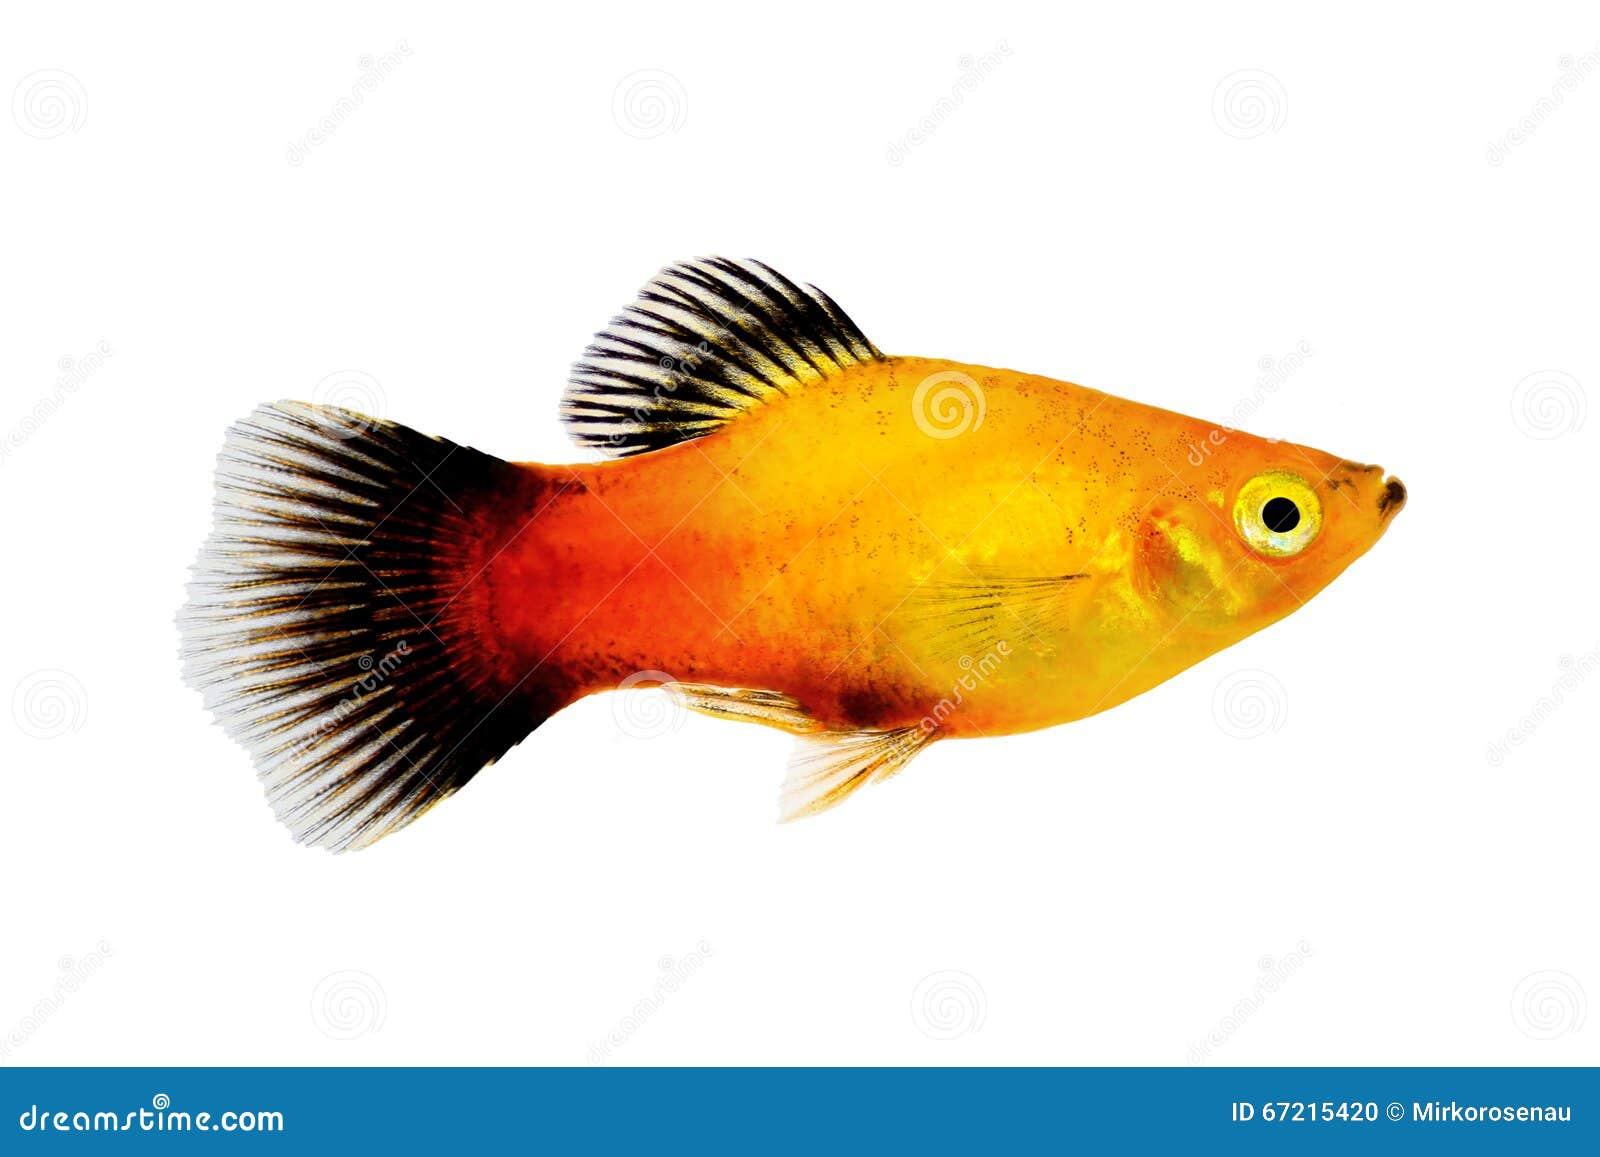 Sonnendurchbruch Platy männliches Xiphophorus-maculatus tropische Aquariumfische